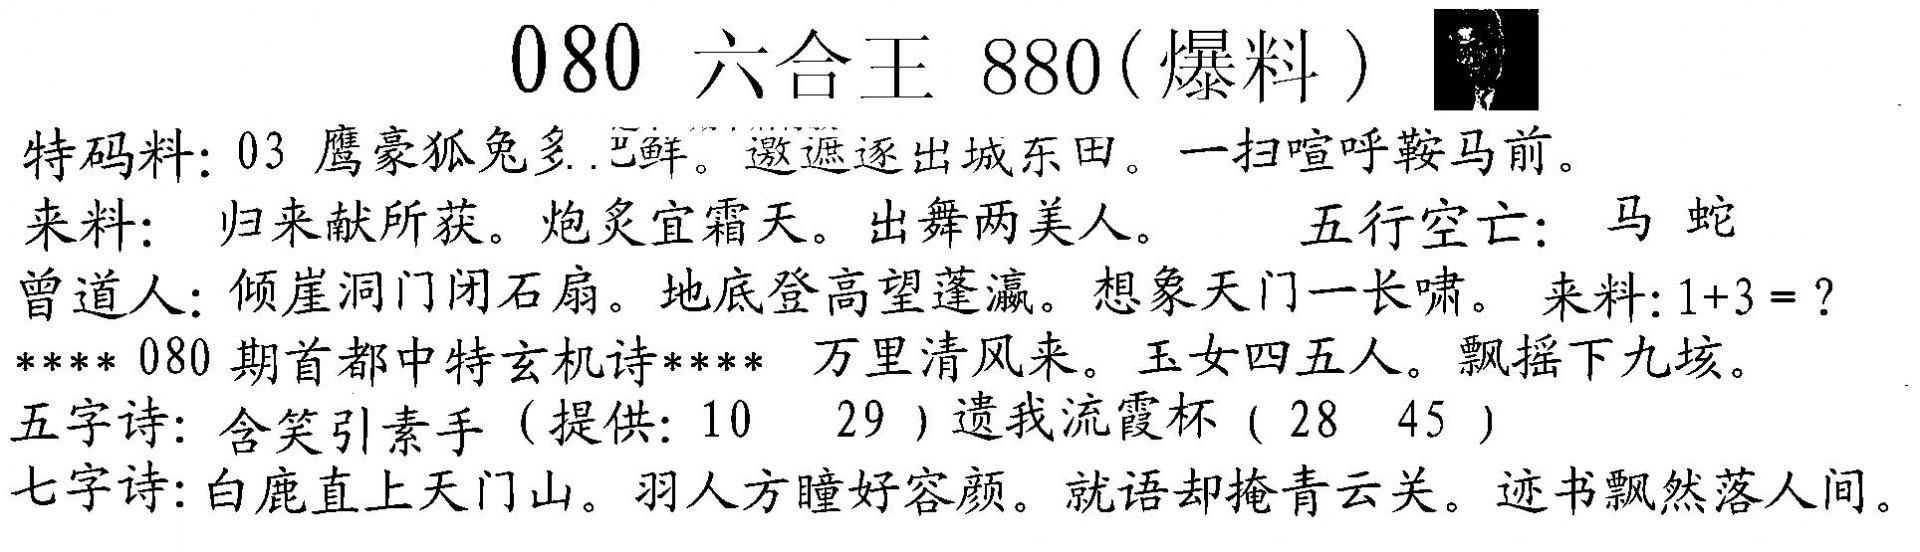 080期880来料(黑白)